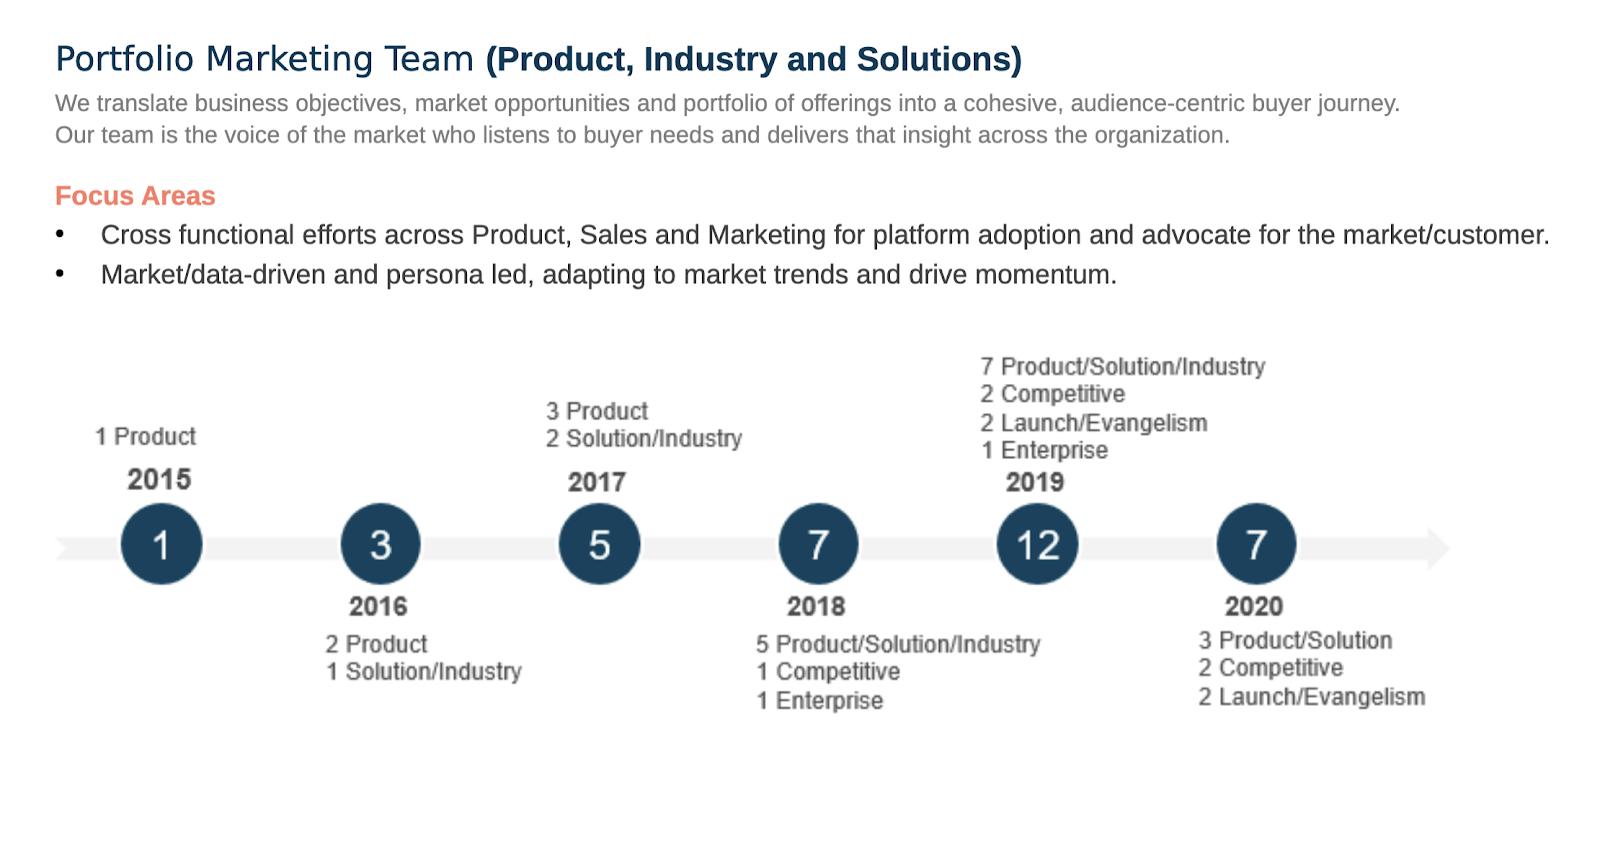 A breakdown of where to focus as a portfolio marketing team.